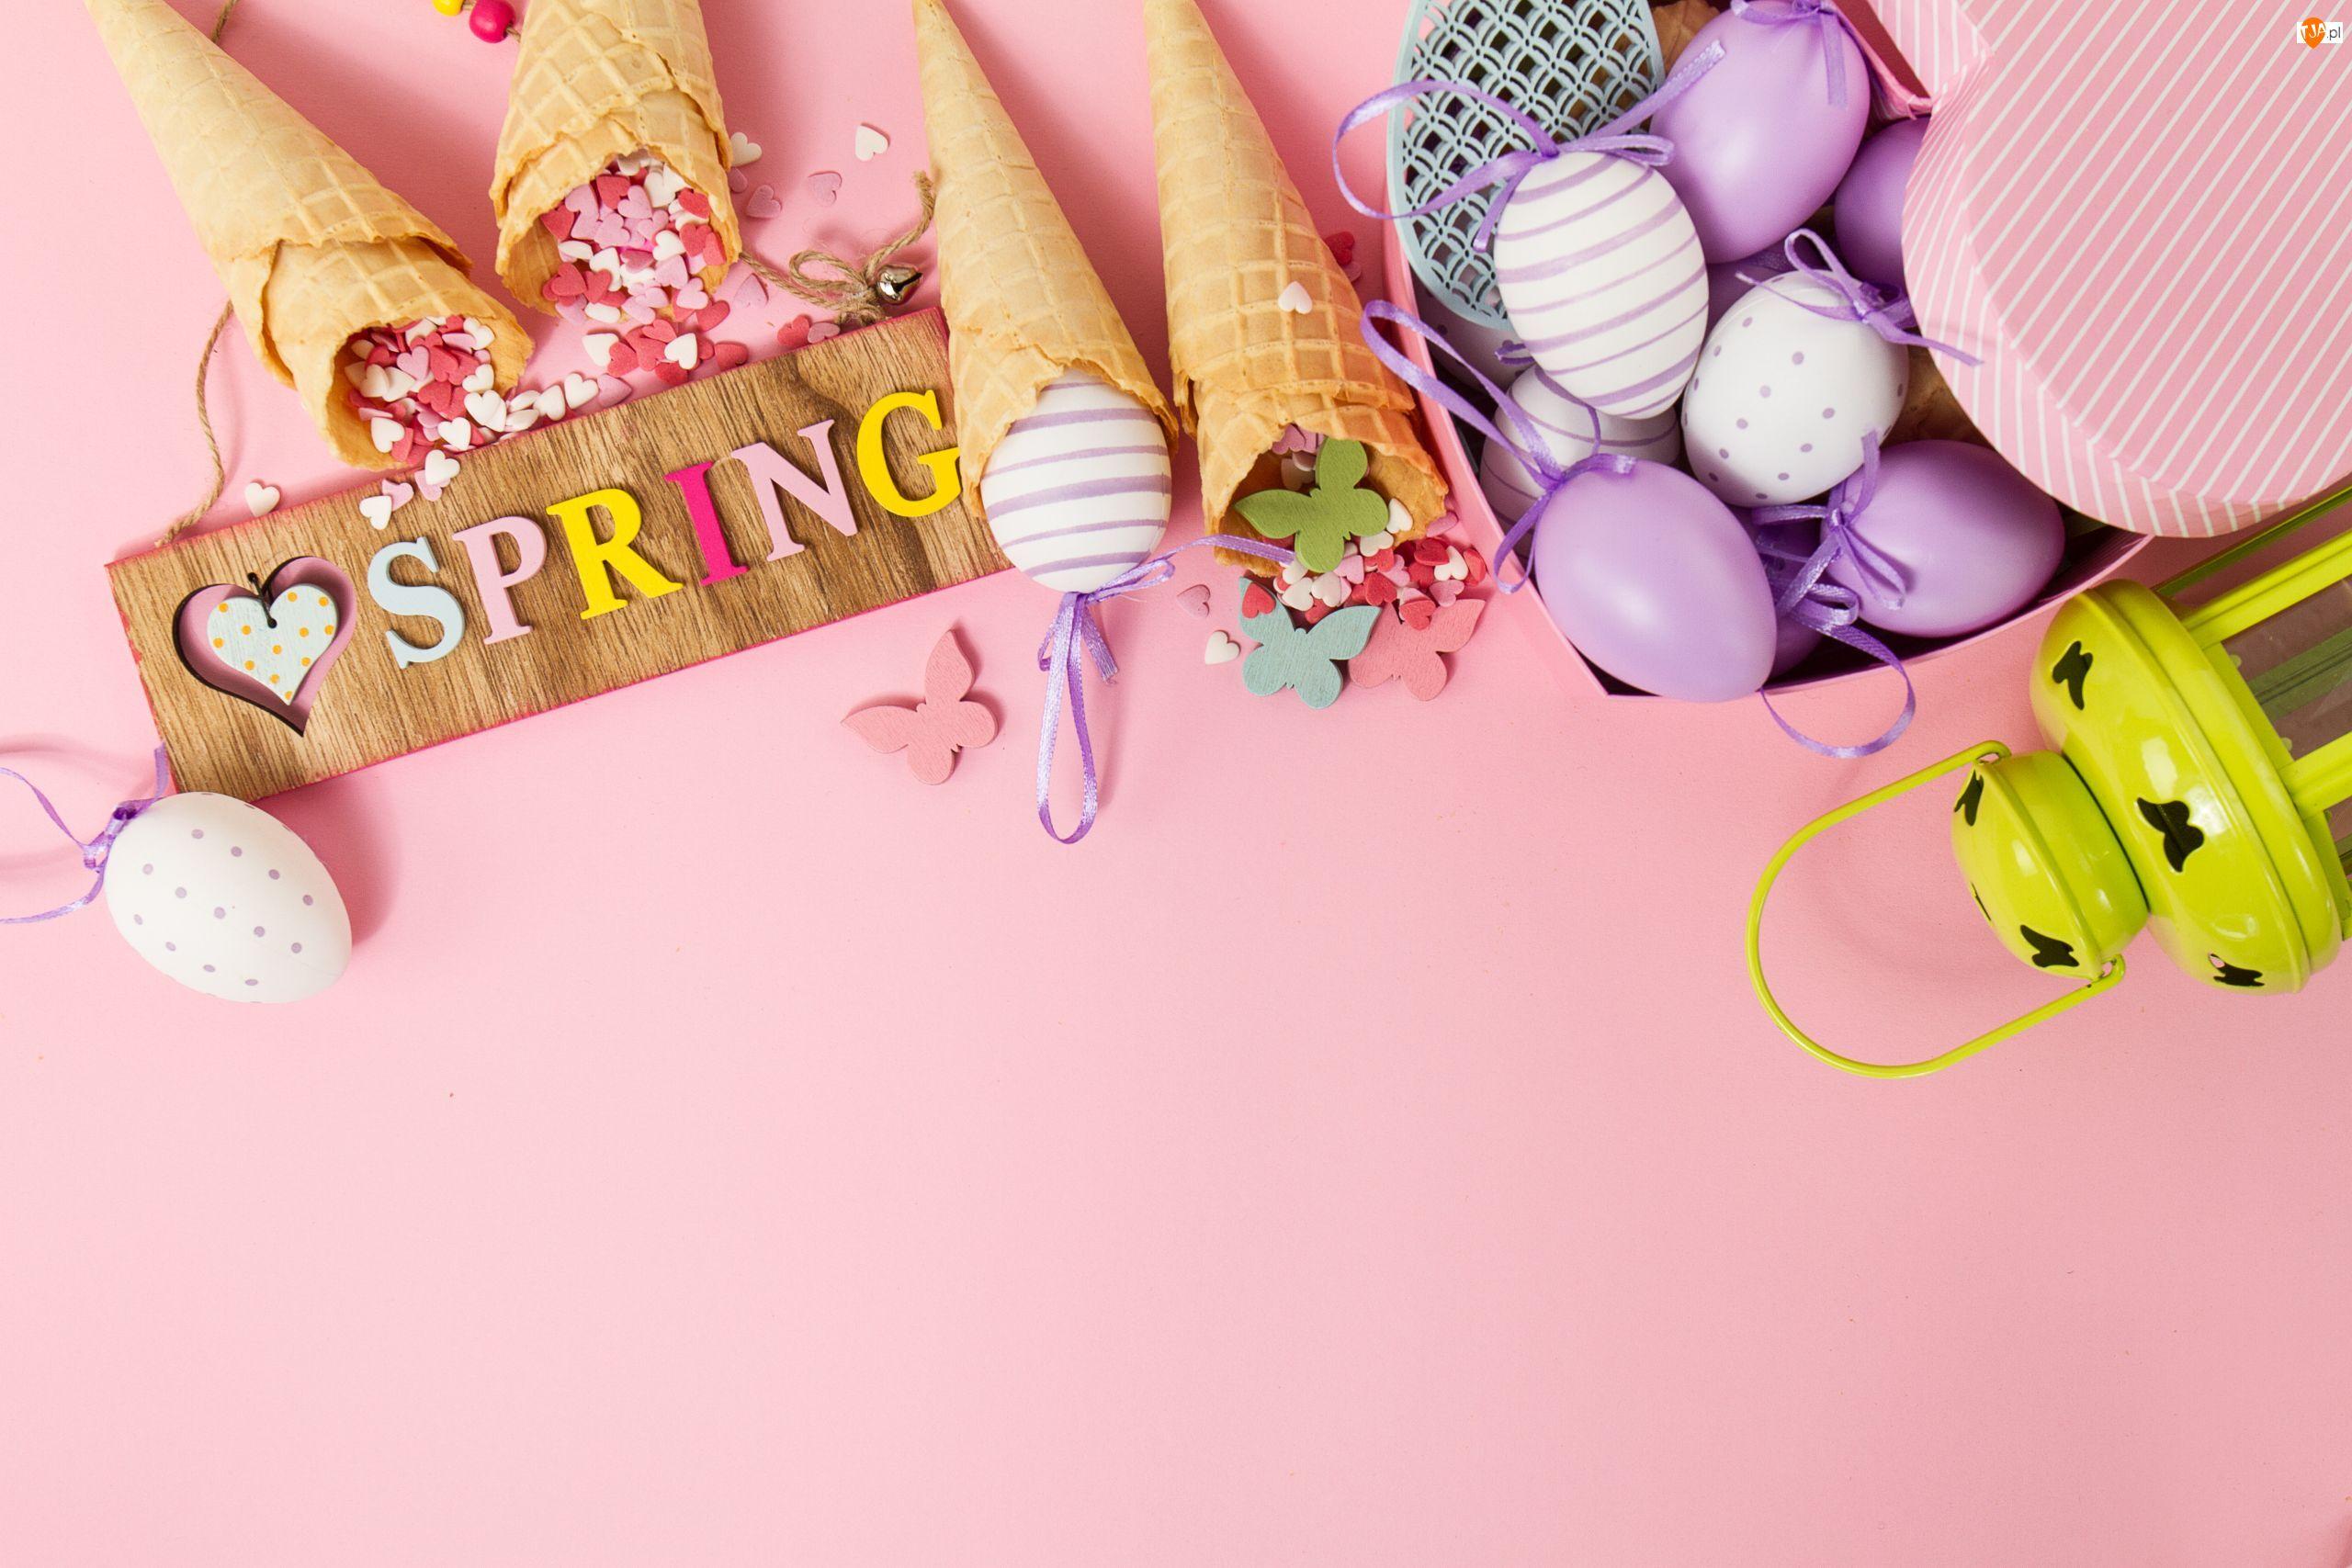 Wielkanoc, Spring, Lampion, Pudełko, Jajeczka, Wafelki, Serduszka, Napis, Motylki